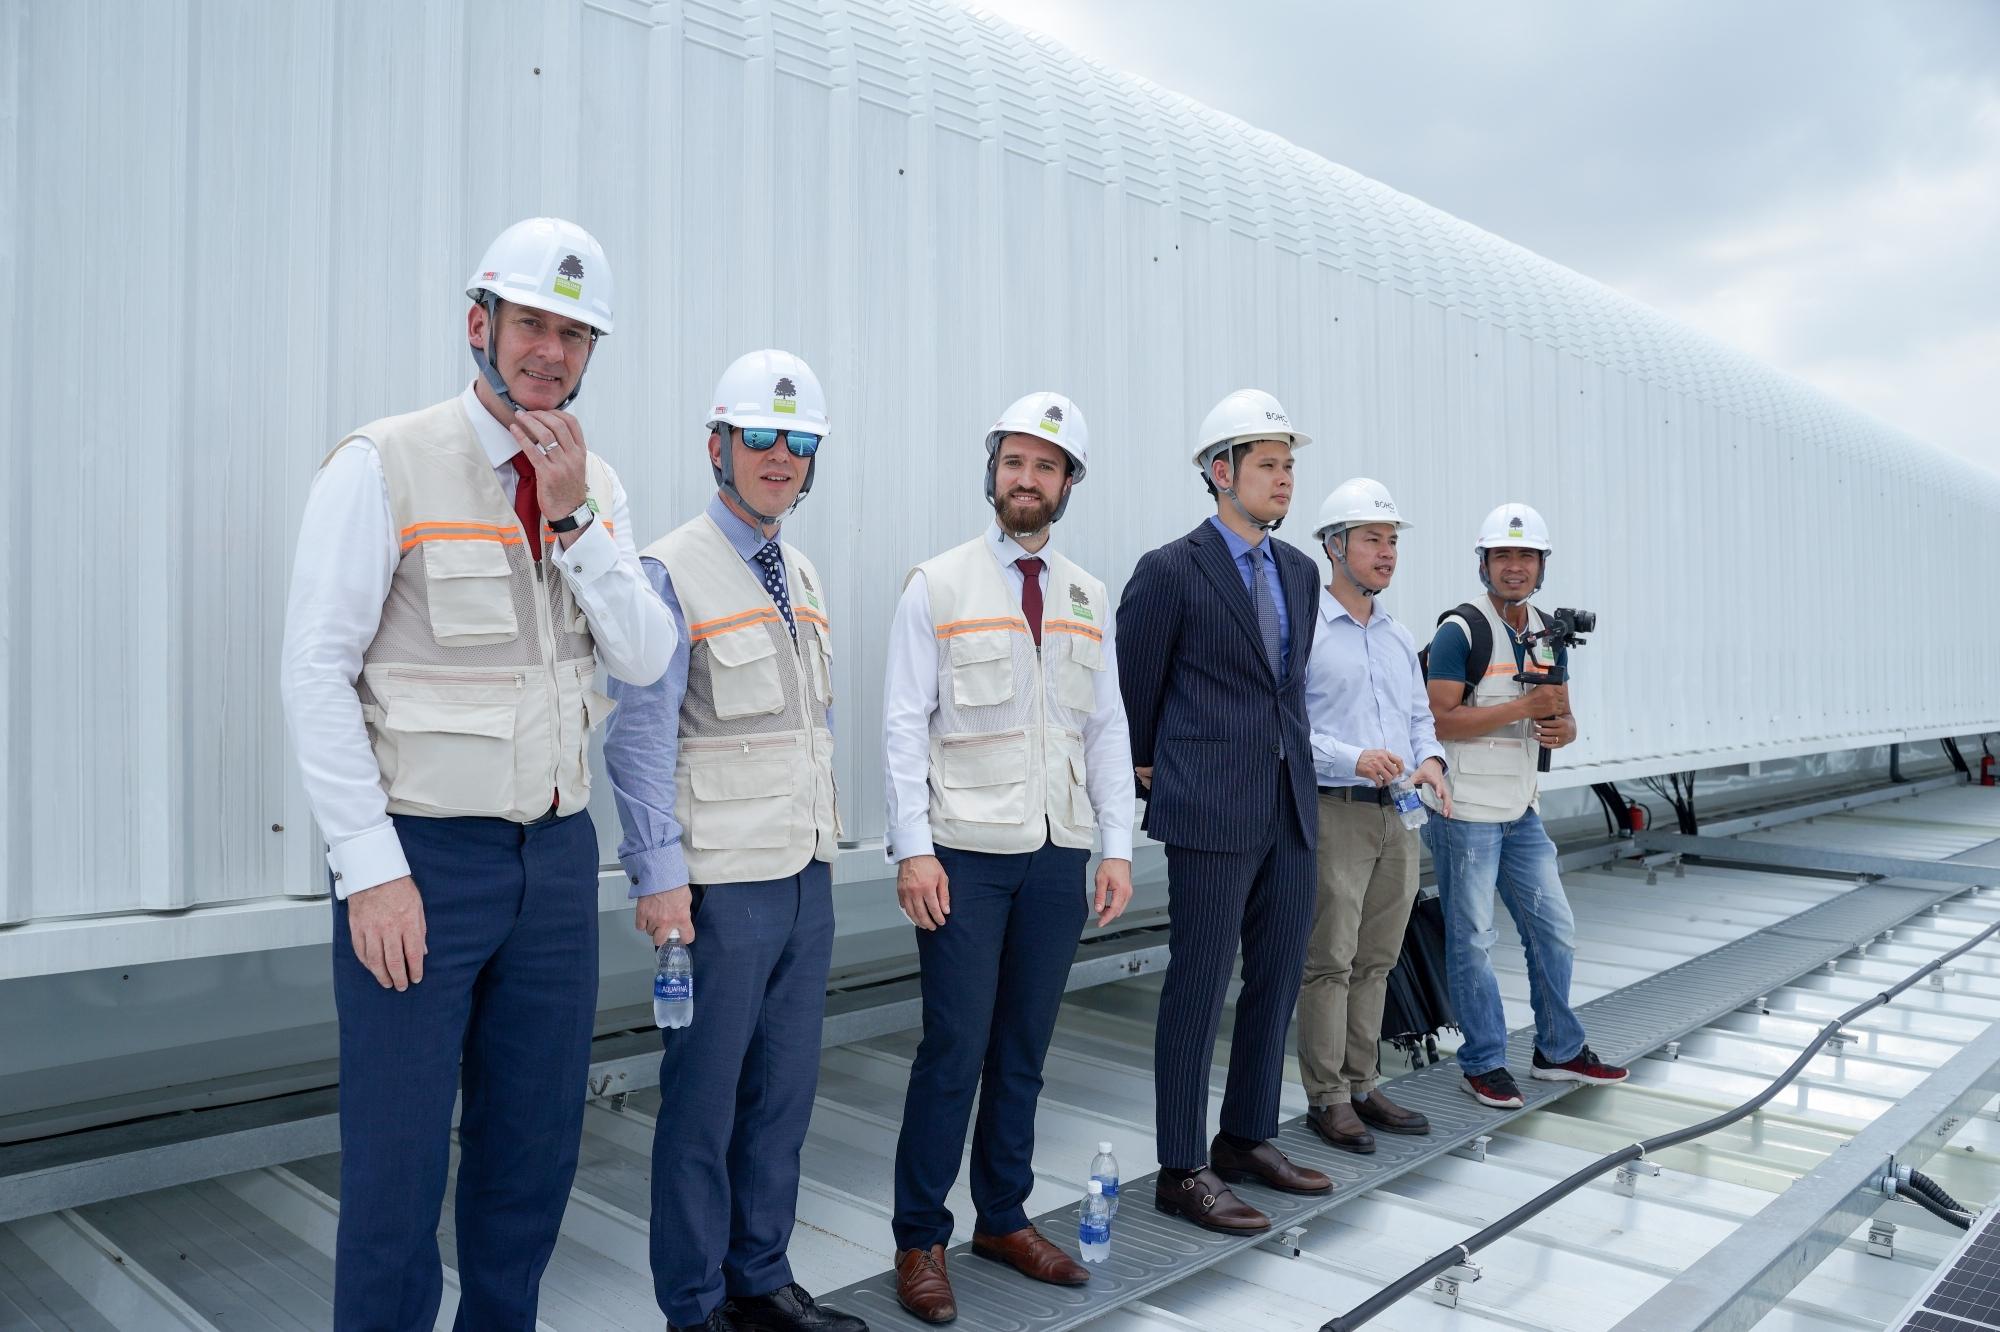 Đại sứ Anh tham quan dự án năng lượng mặt trời lớn tại Long An